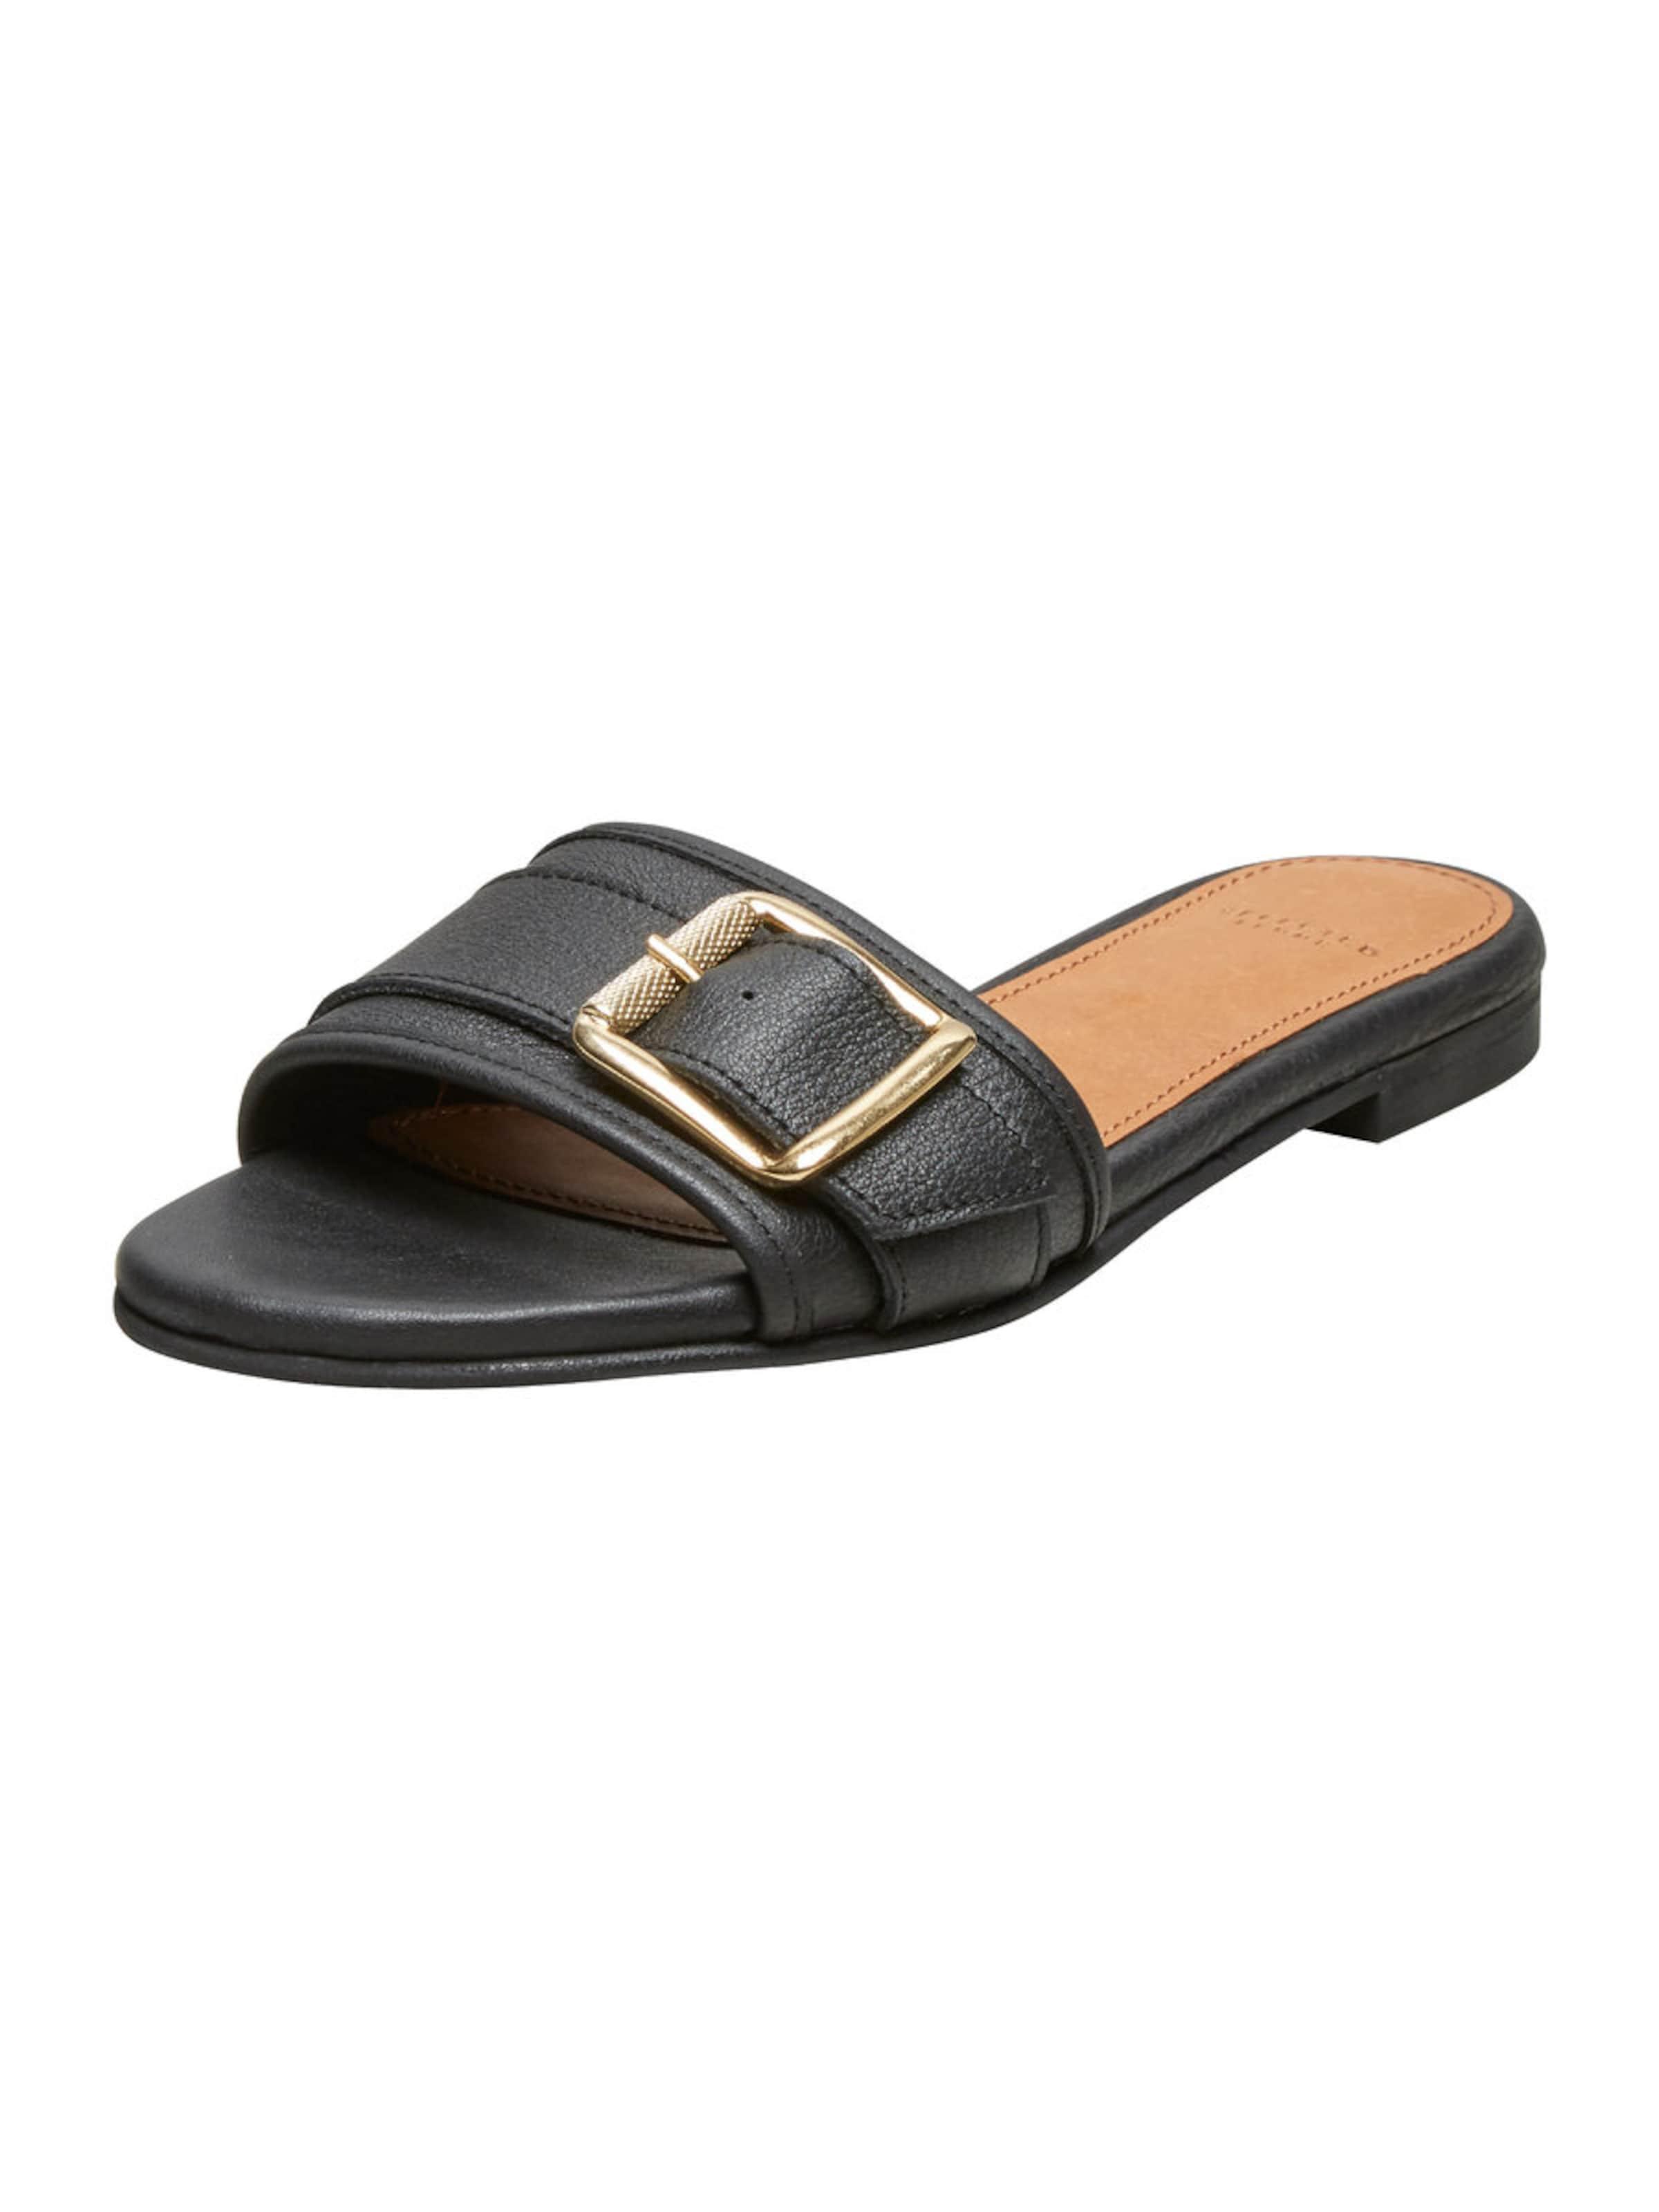 Haltbare Mode billige Schuhe SELECTED FEMME | Pantolette Schuhe Gut getragene Schuhe